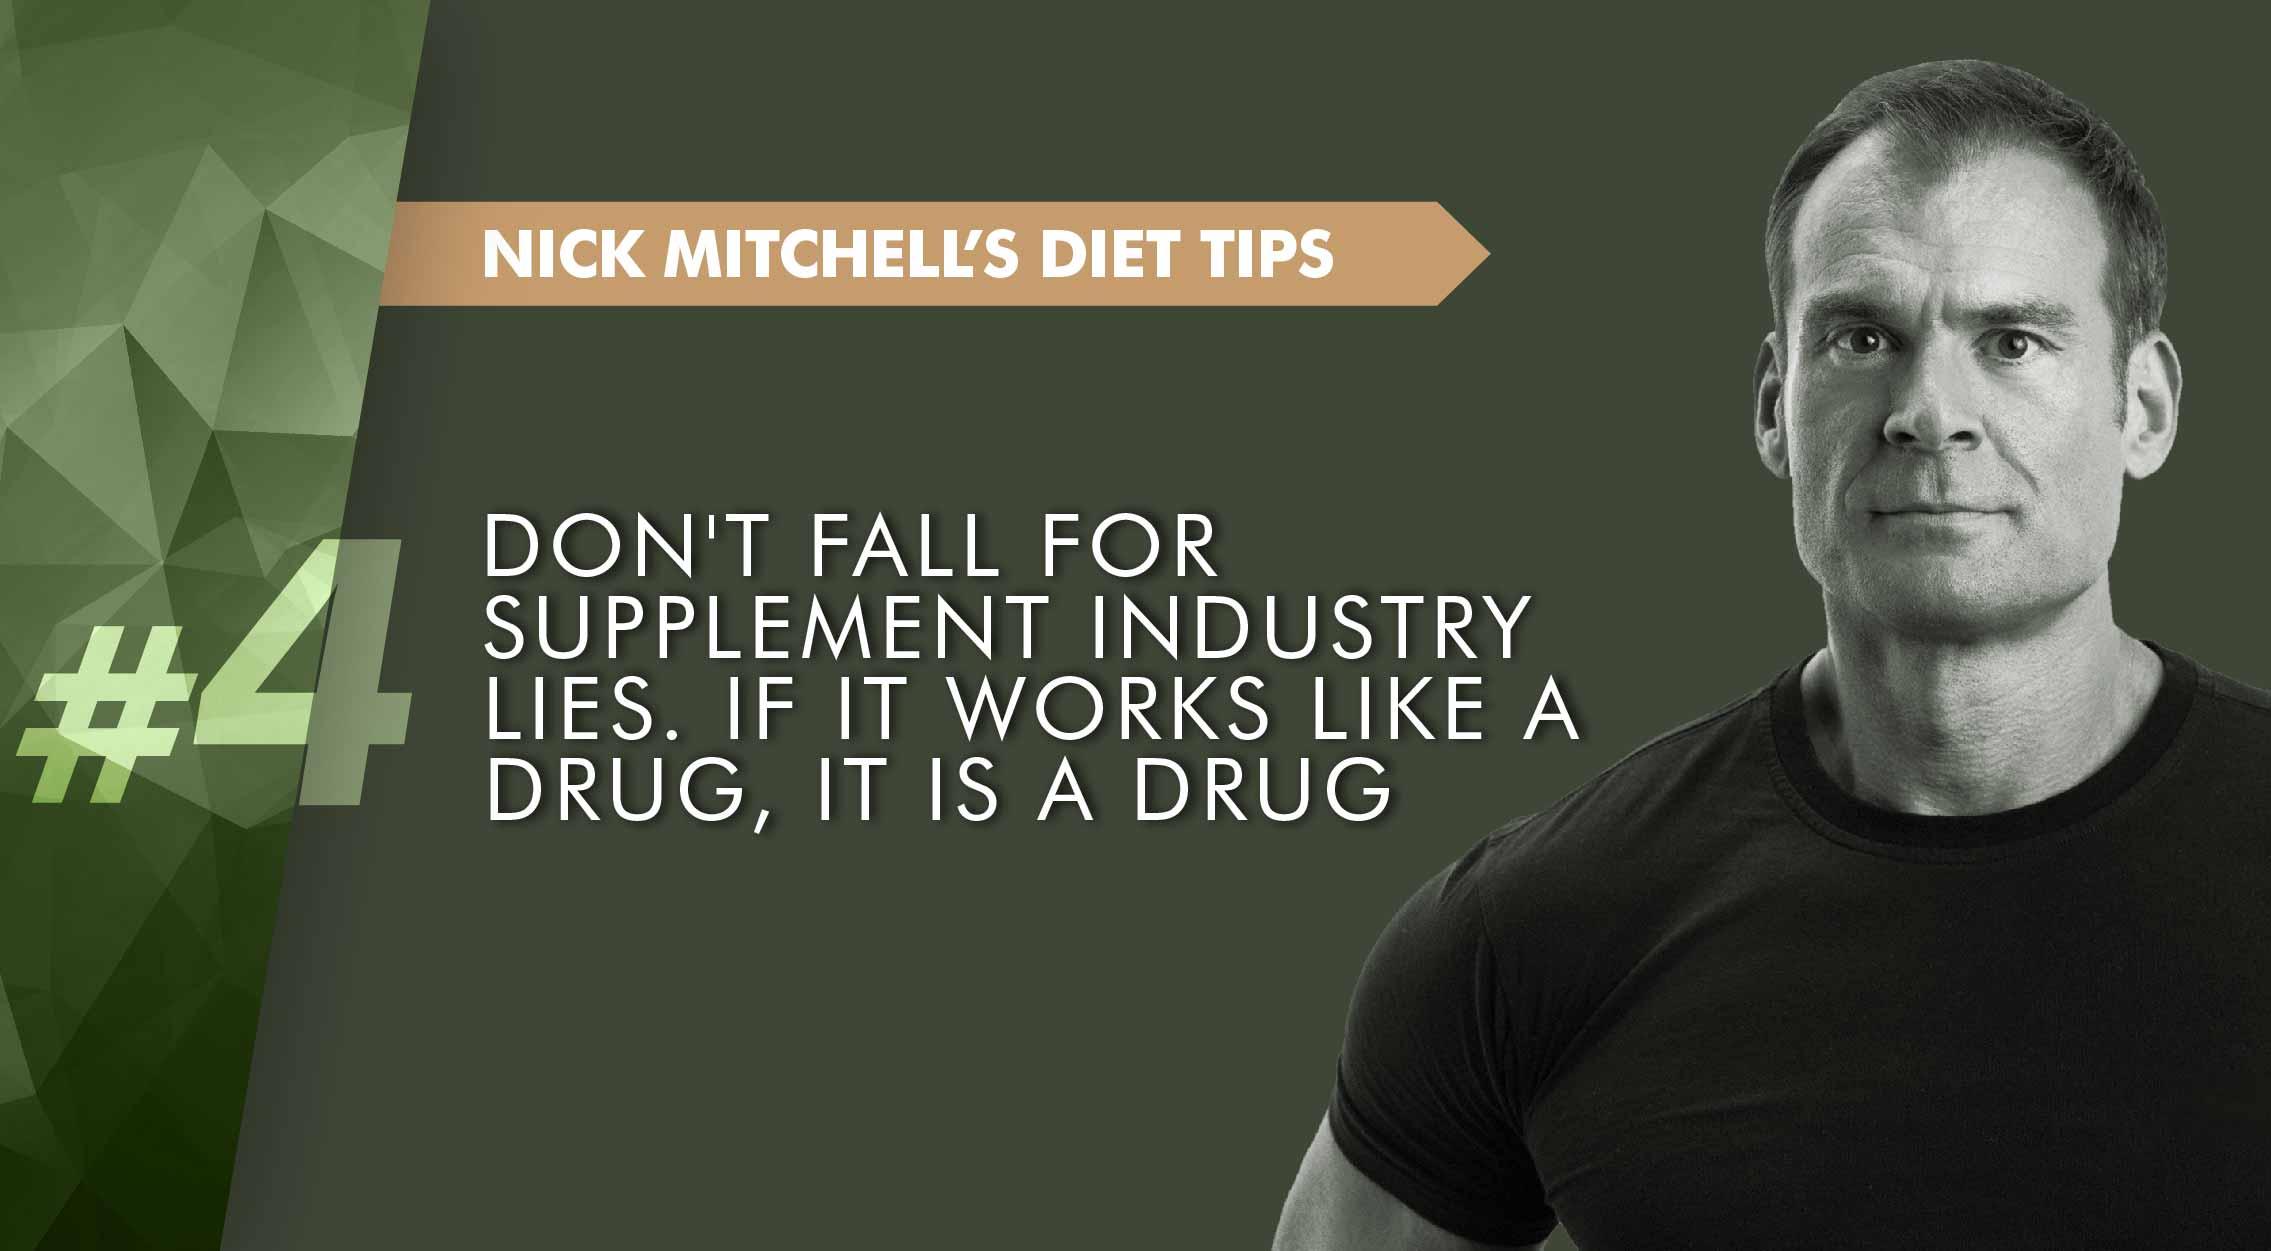 Supplement lies